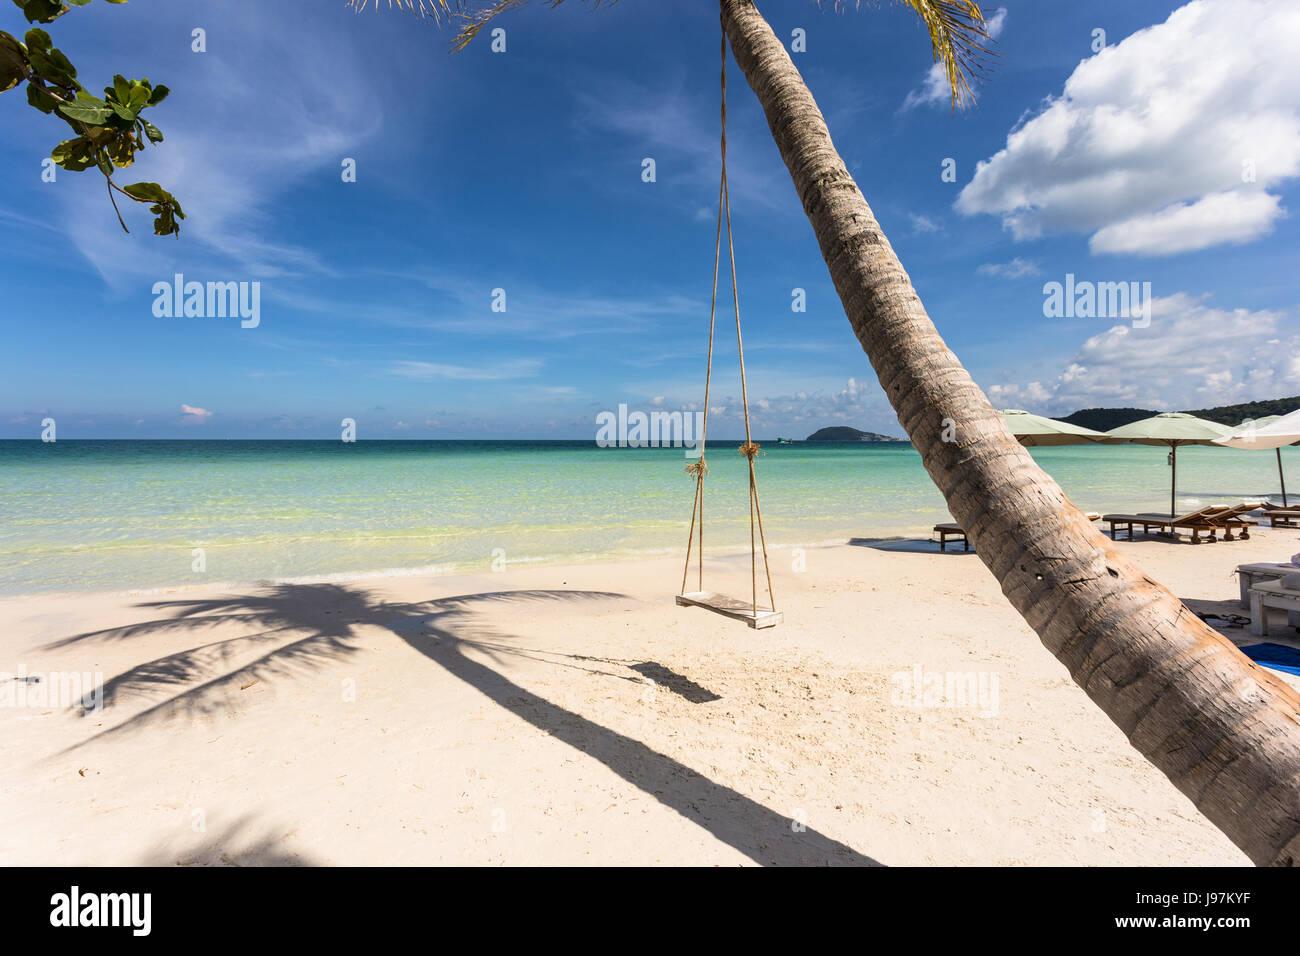 Swing attaché à un palmier dans l'idyllique plage de Bai Sao dans l'île de Phu Quoc au Vietnam Photo Stock